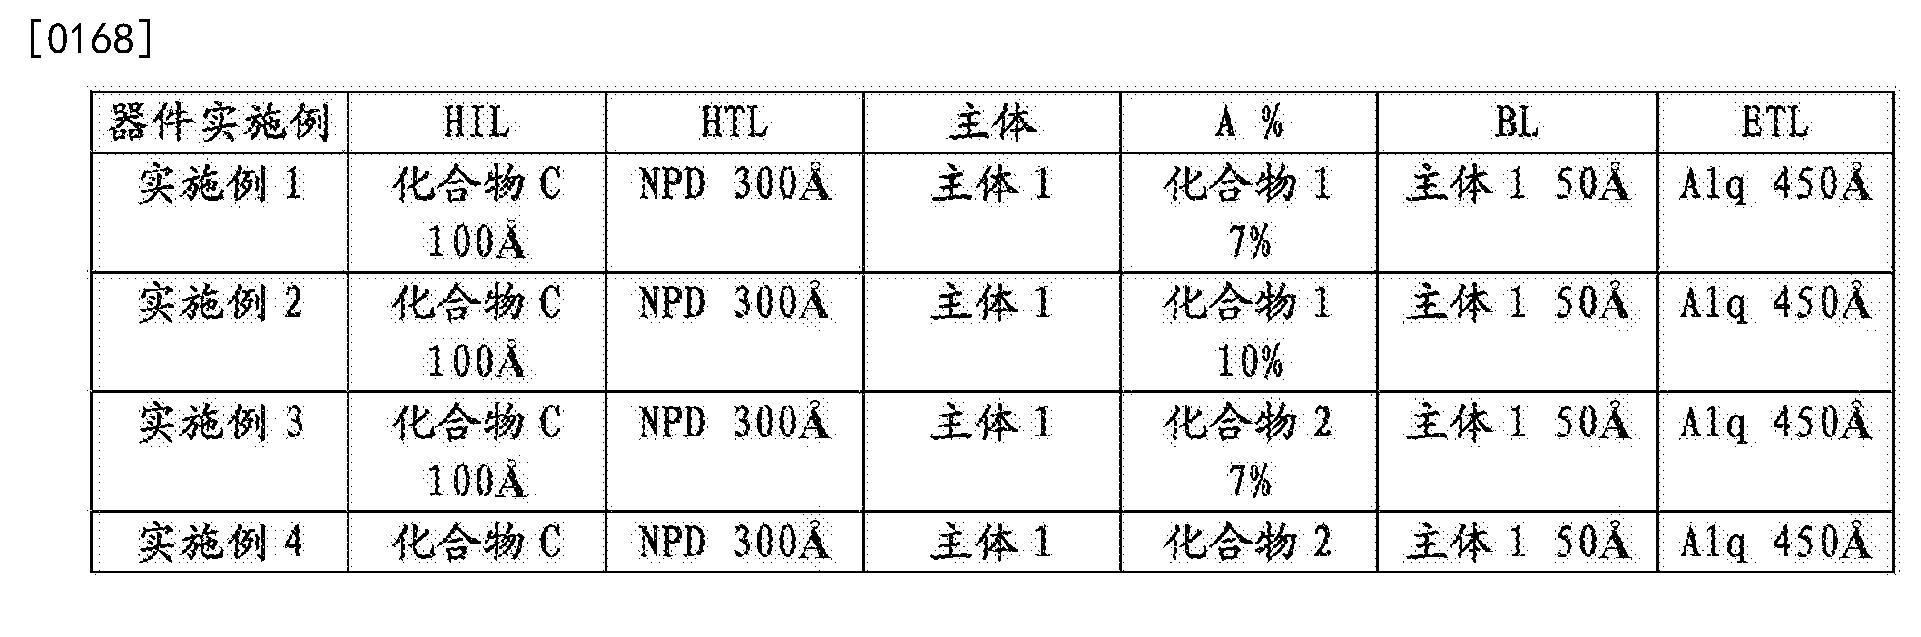 Figure CN103396455BD00542